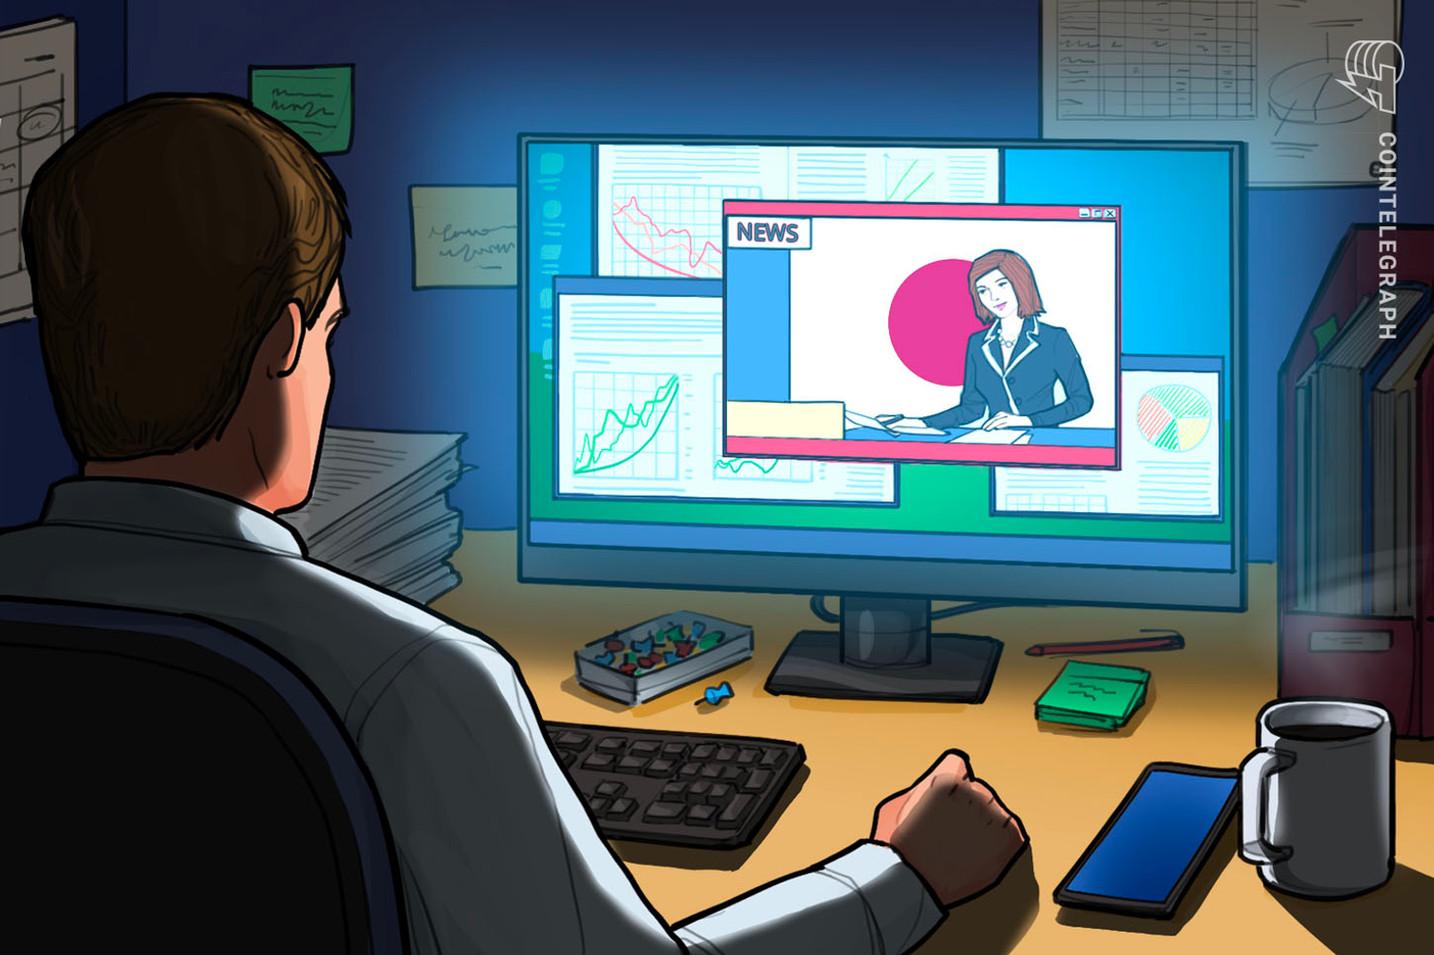 仮想通貨取引所Bitgate、一部サービス停止【ニュース】